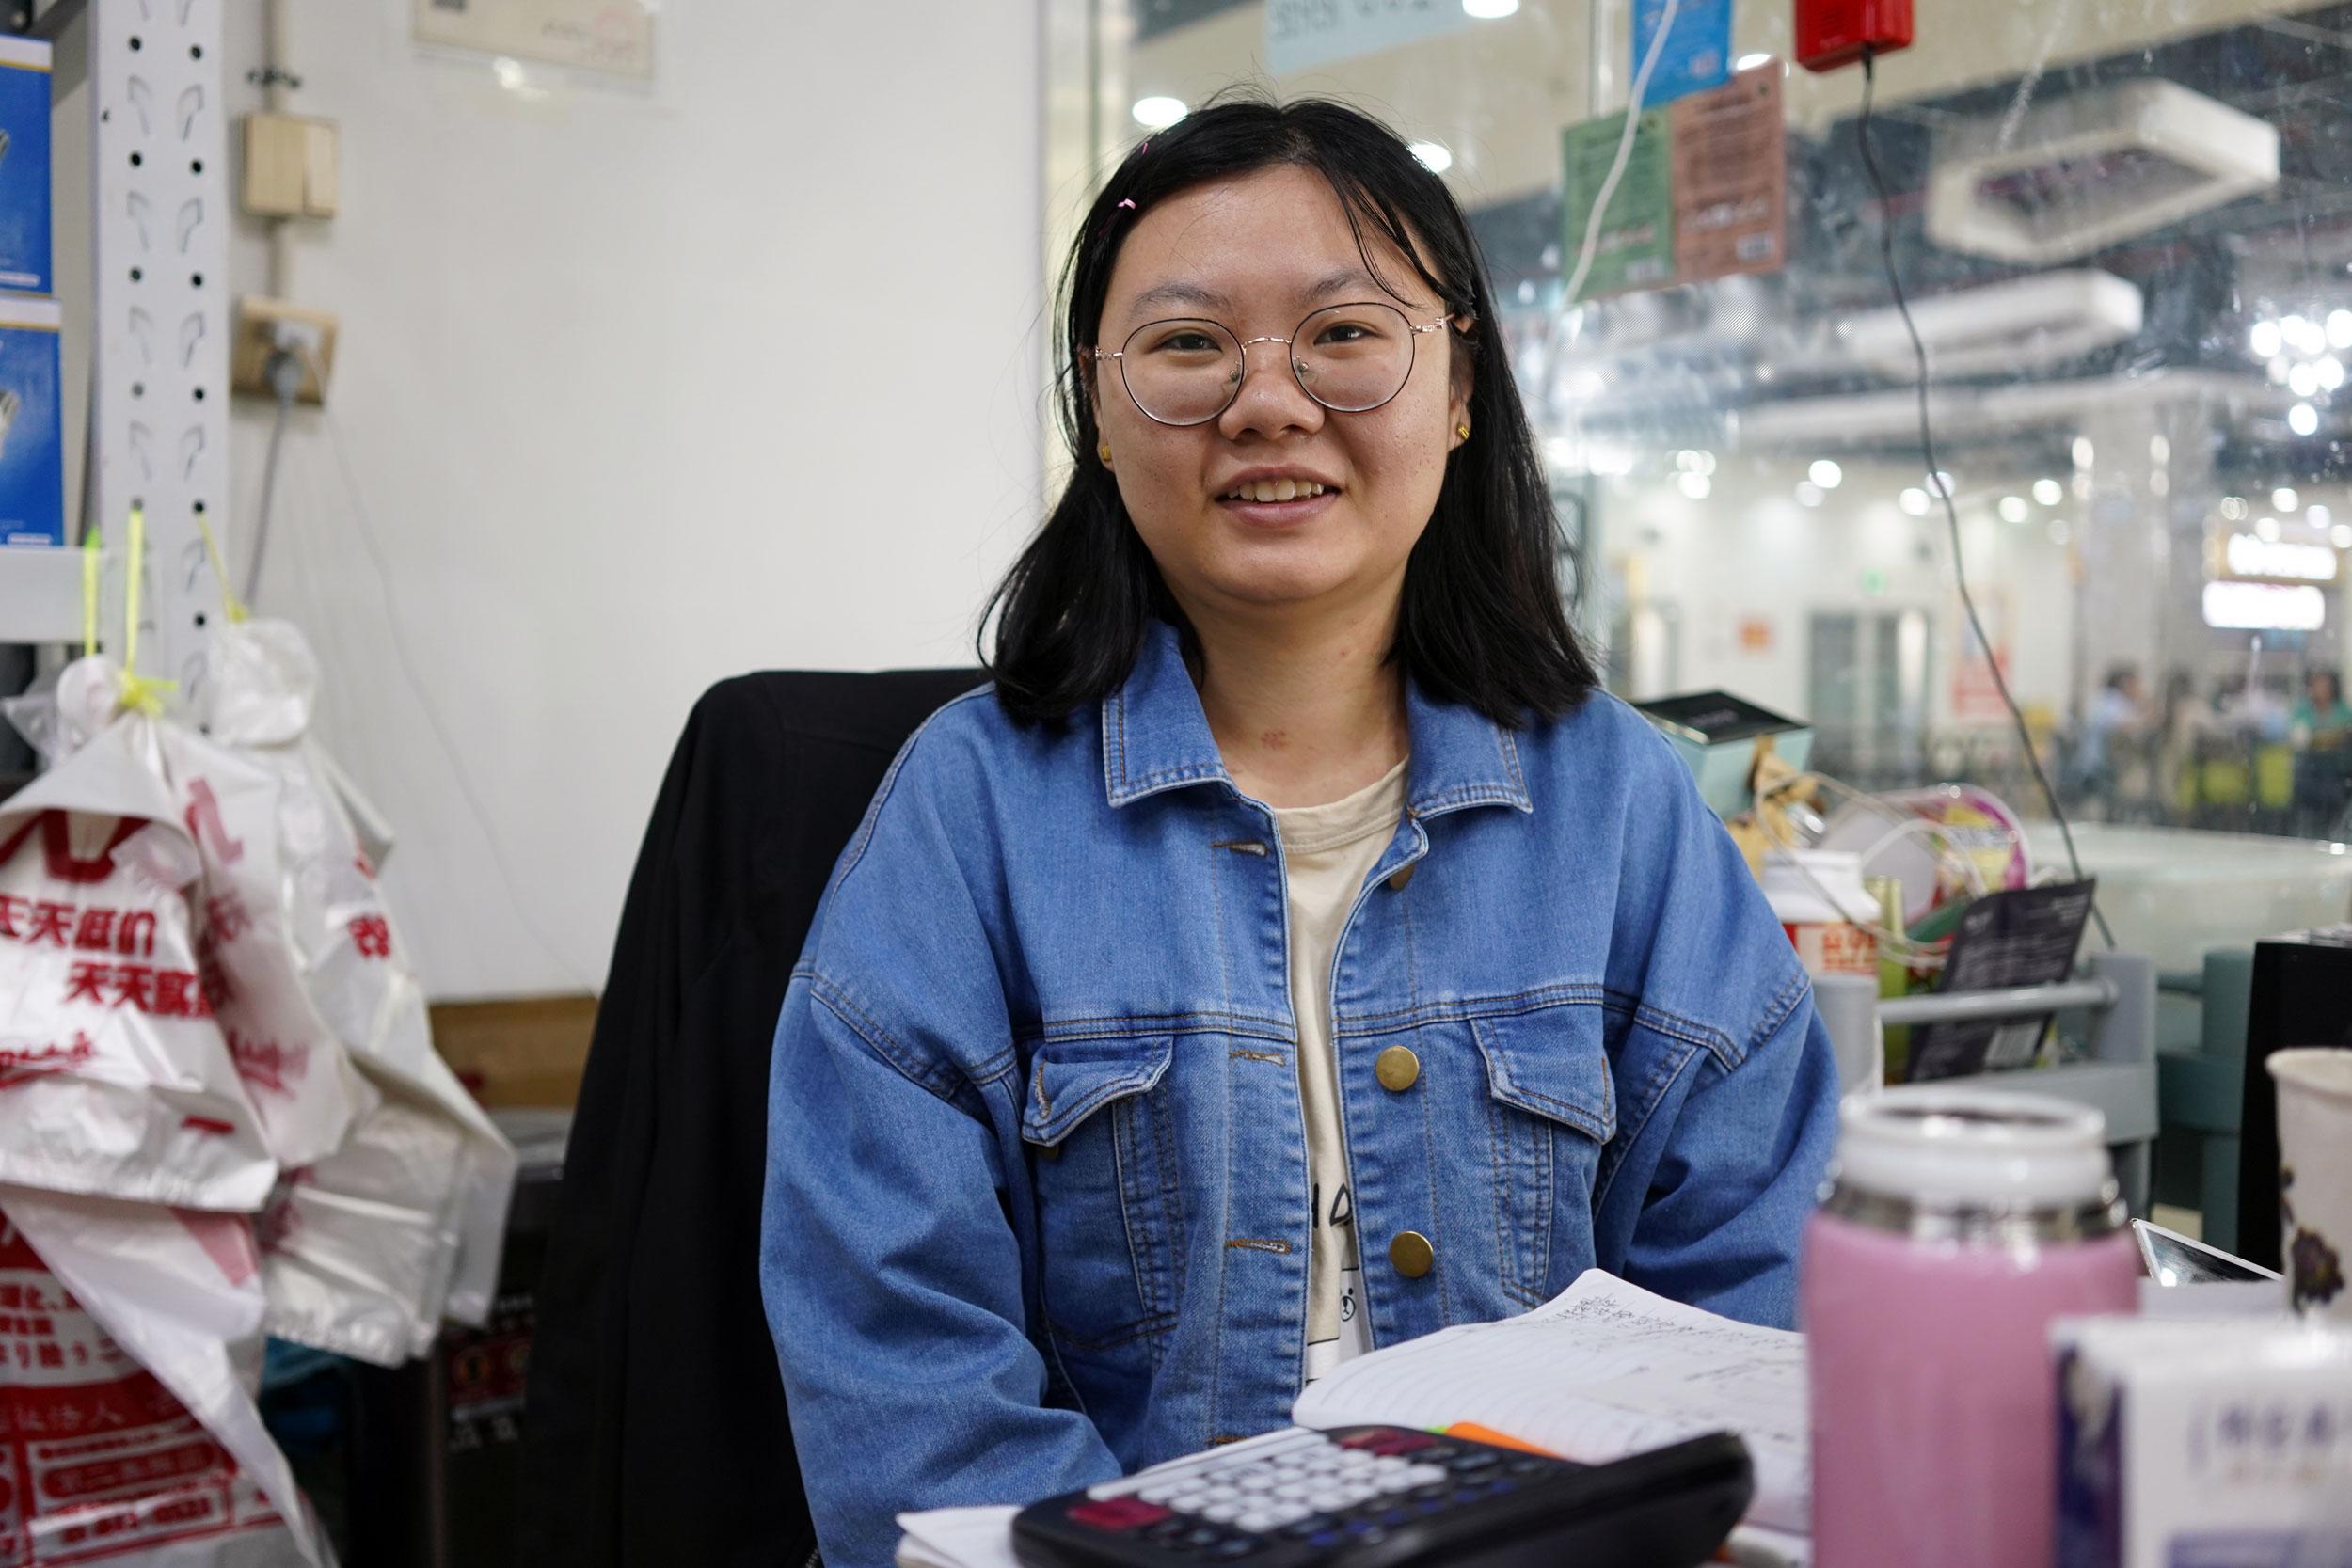 Siyuan Wang, the 27-year-old medical equipment shop owner, sits at her desk at Khorgos ICBC.